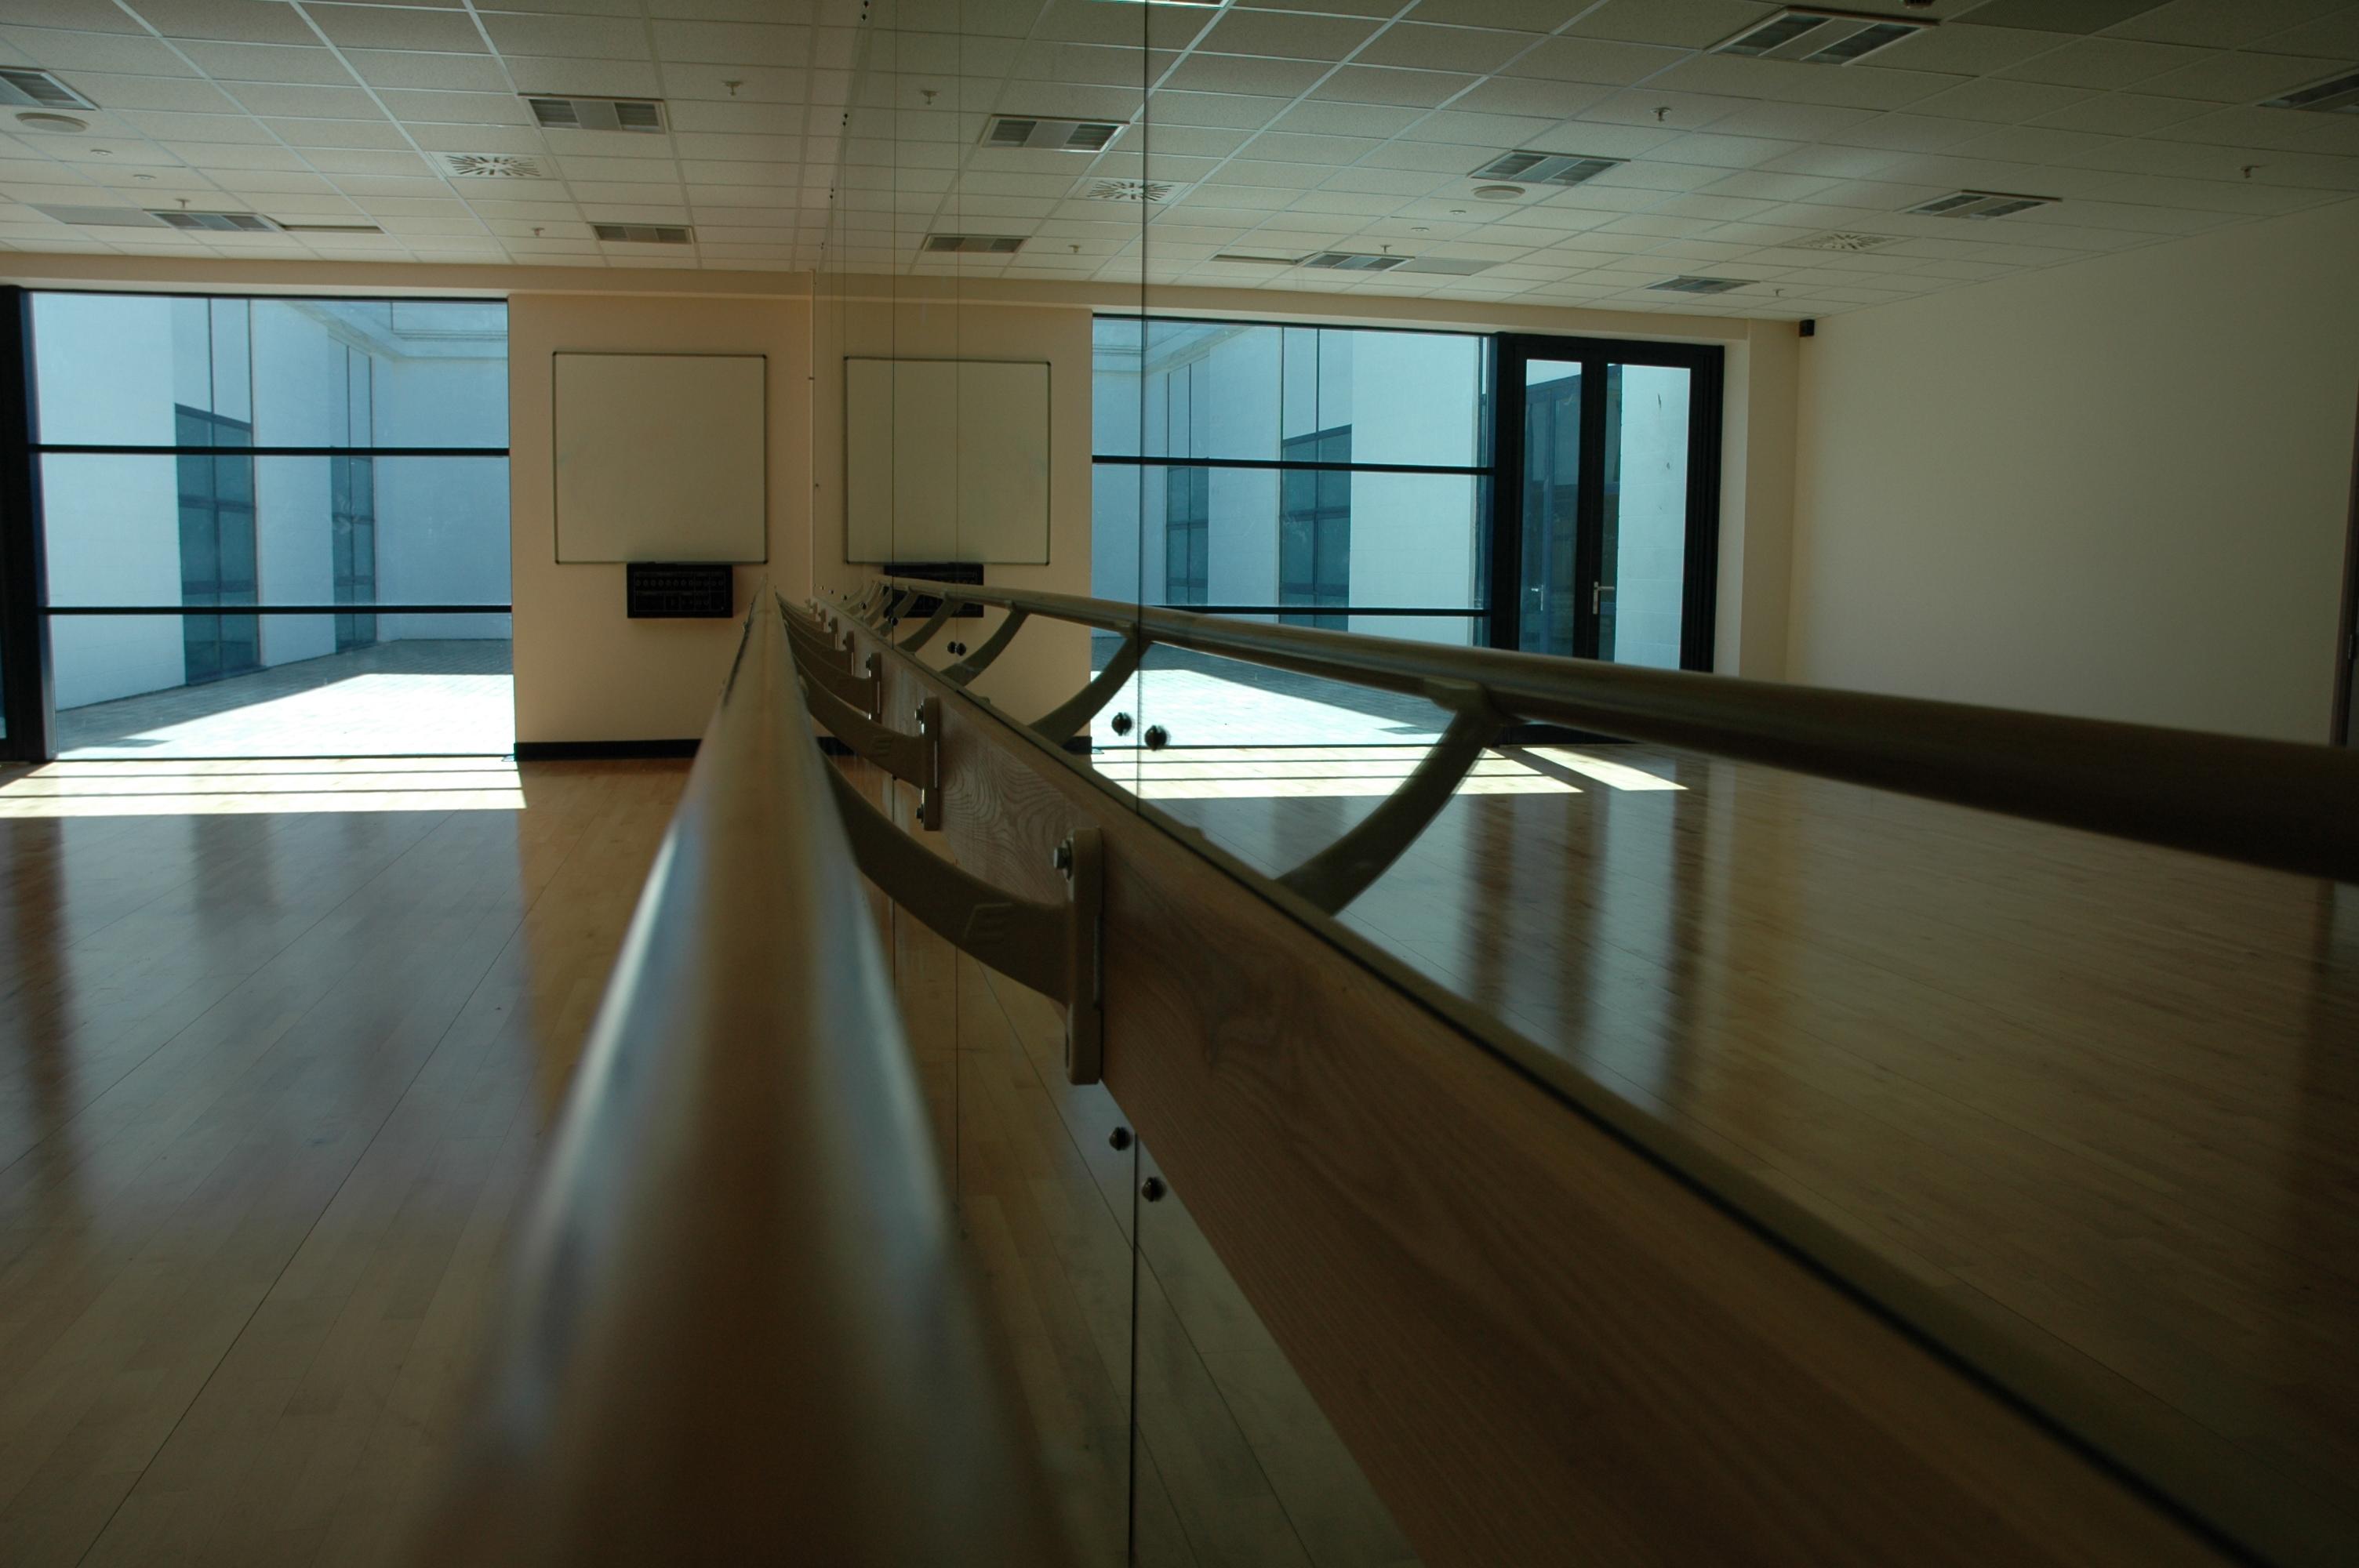 Dance studio at South Devon College.